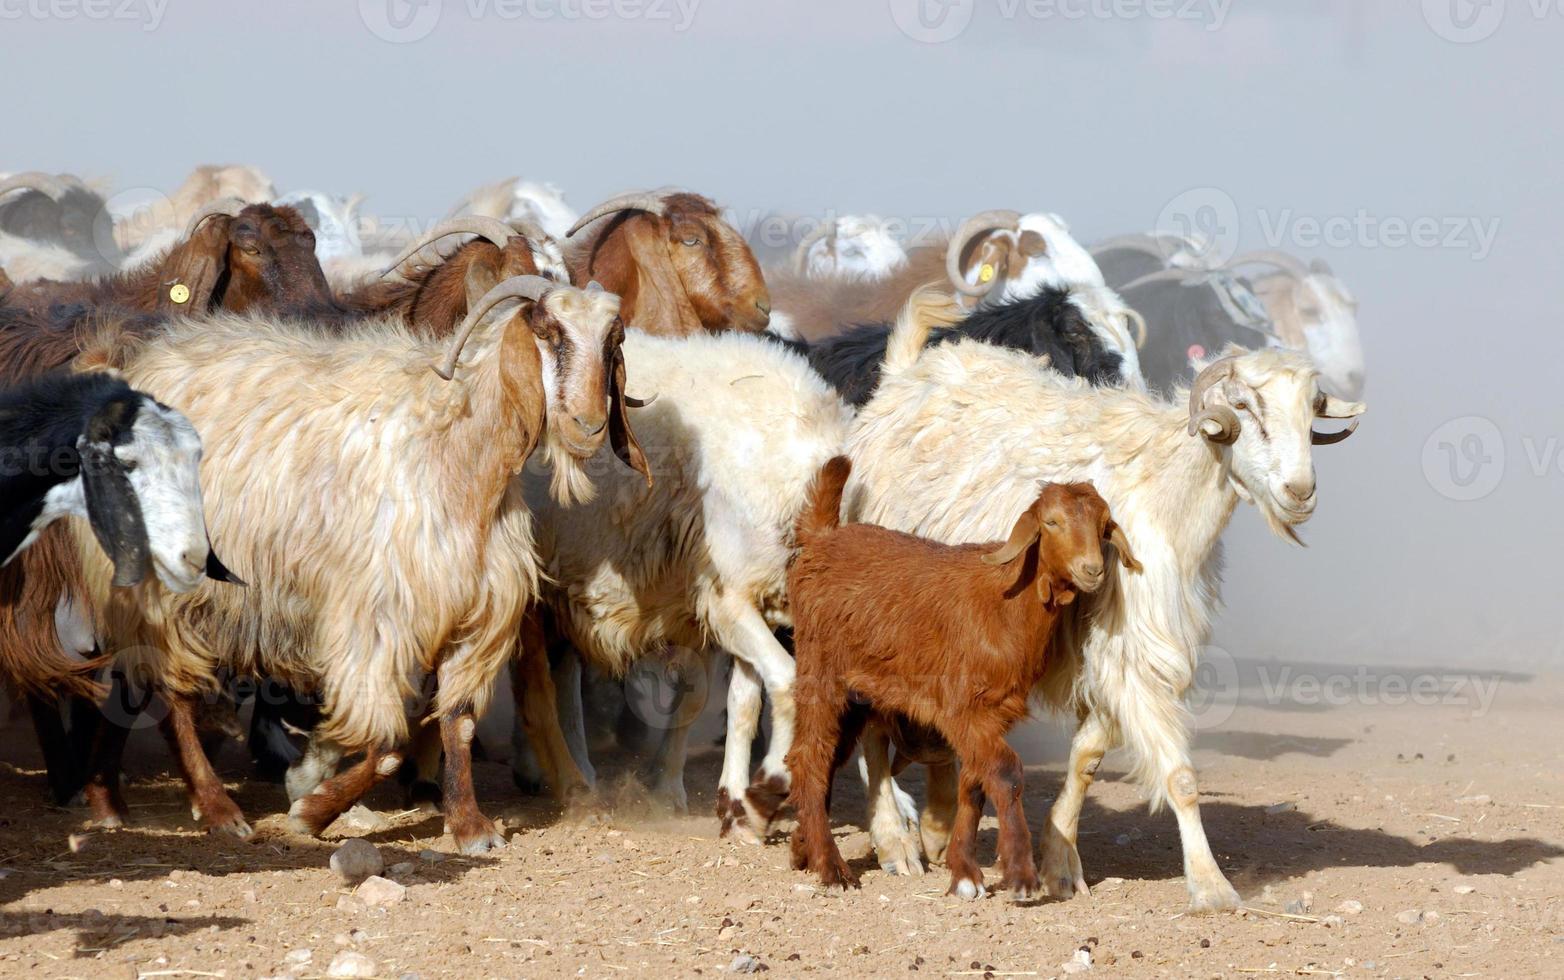 moutons et chèvres photo